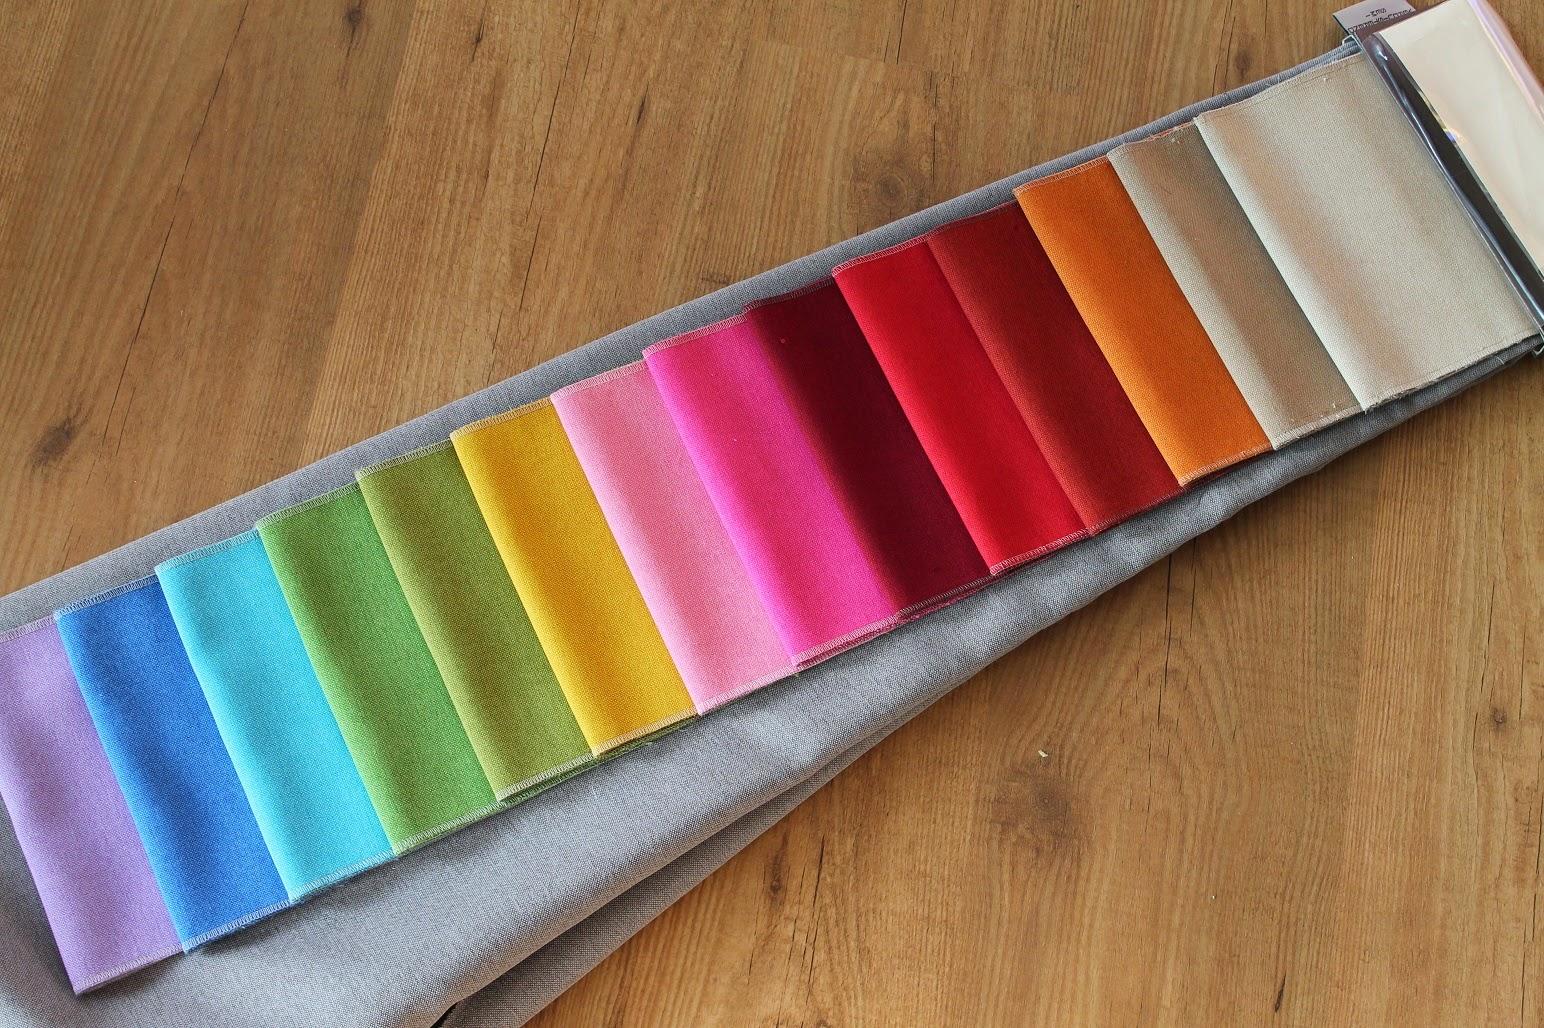 Helen marc olivia bouwen een huis de binnenkant - Het kiezen van kleuren voor een kamer ...